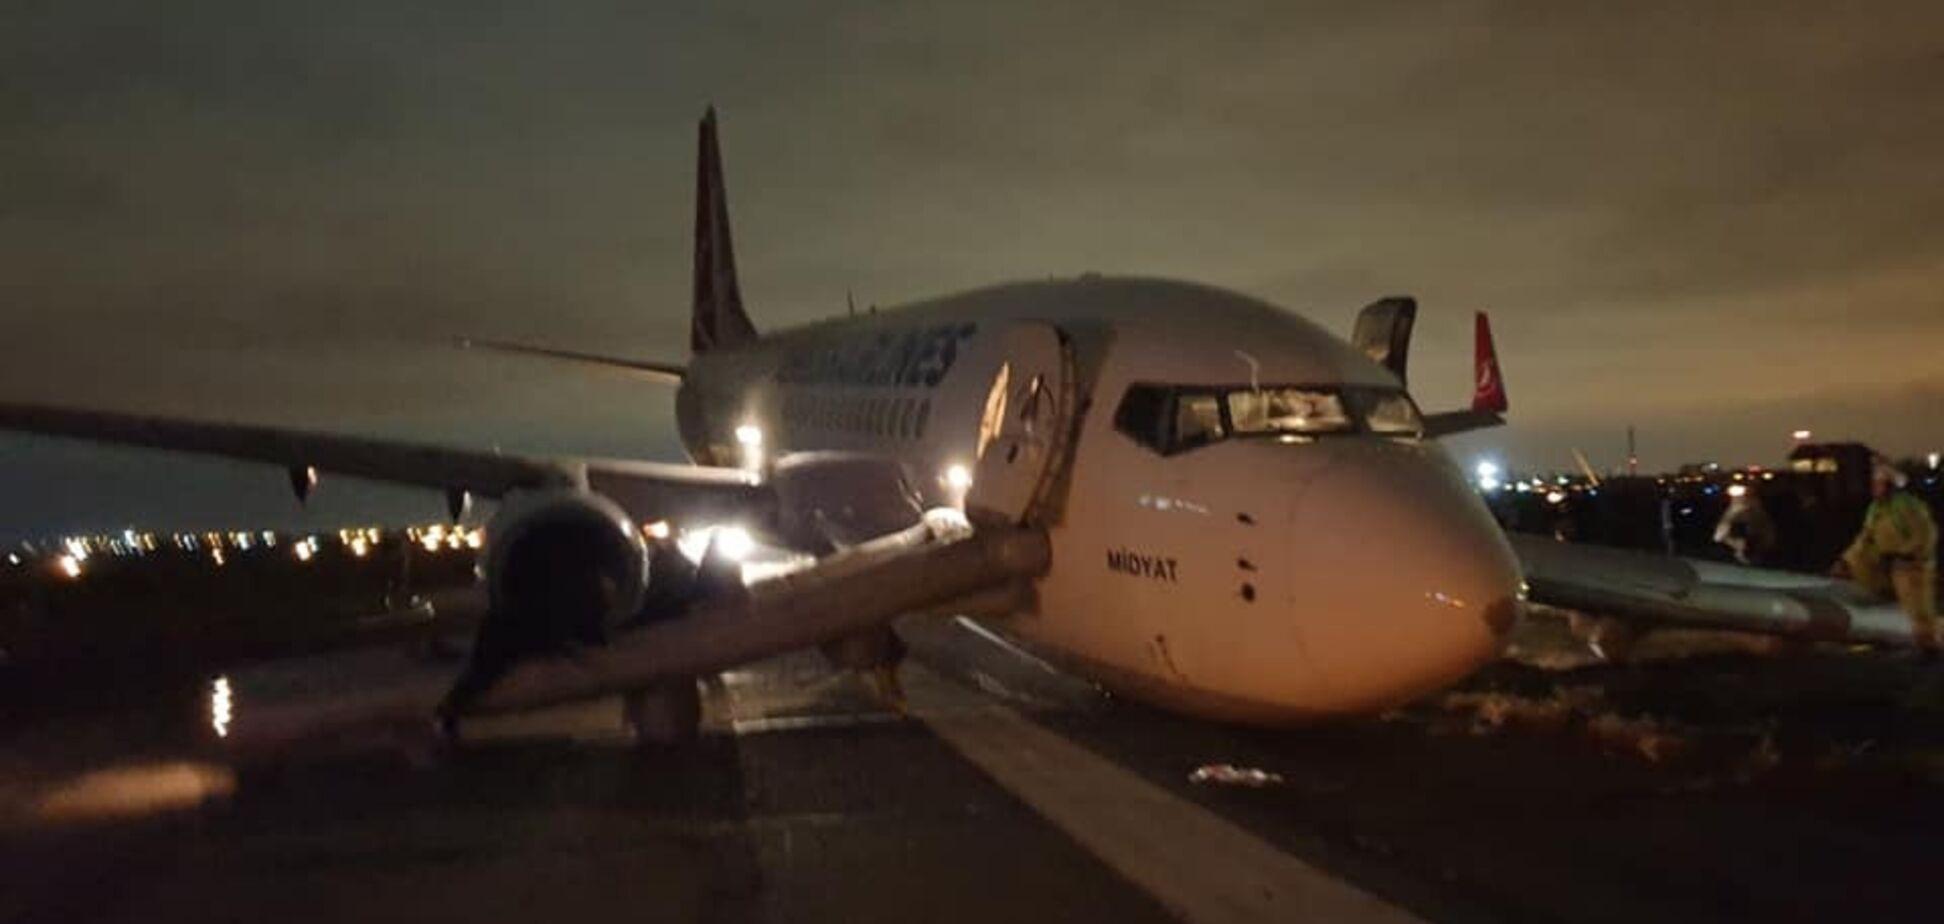 В аэропорту Одессы произошло новое ЧП с самолетом